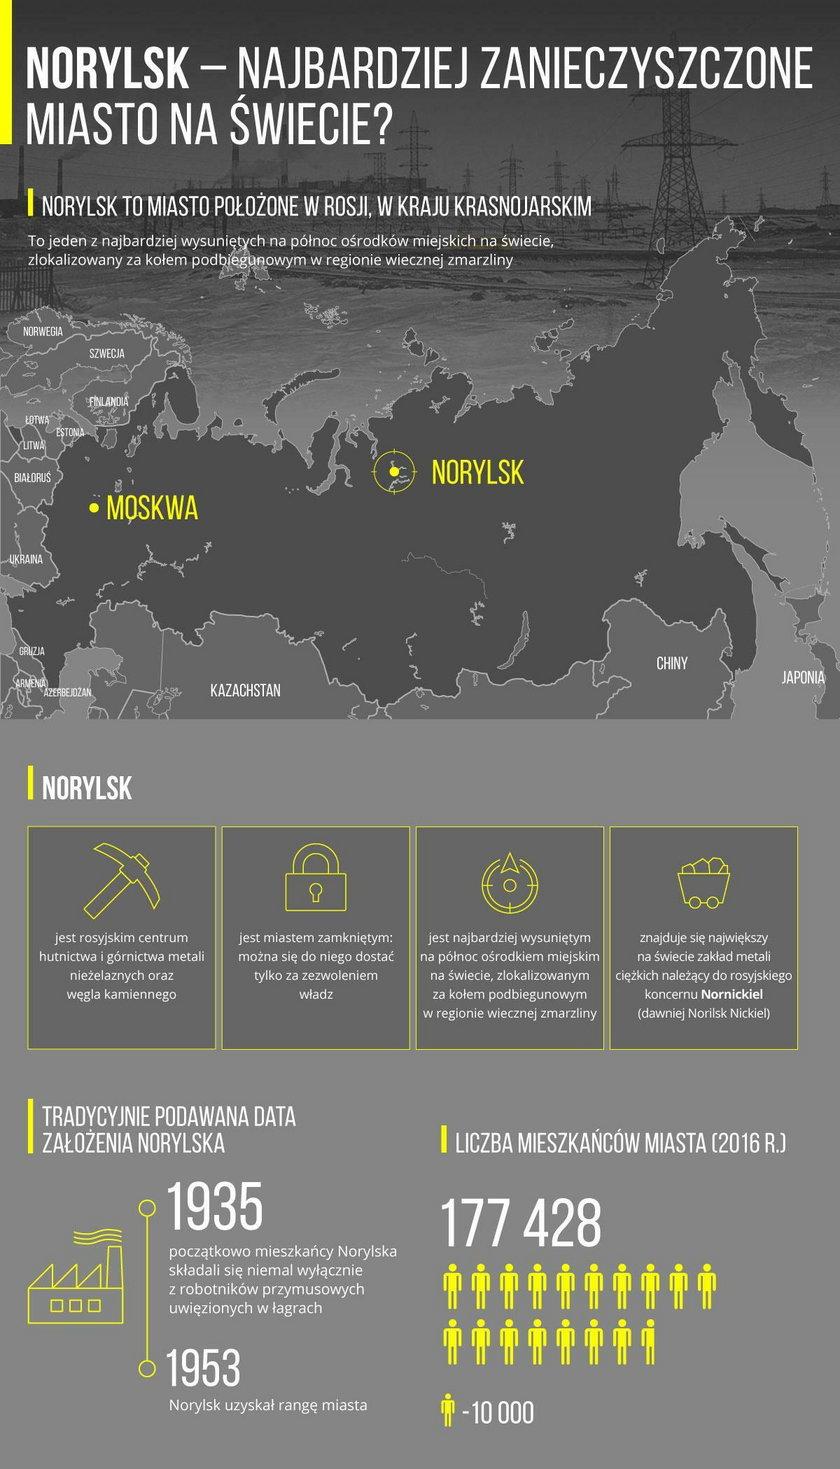 Norylsk - najbardziej zanieczyszczone miasto świata?